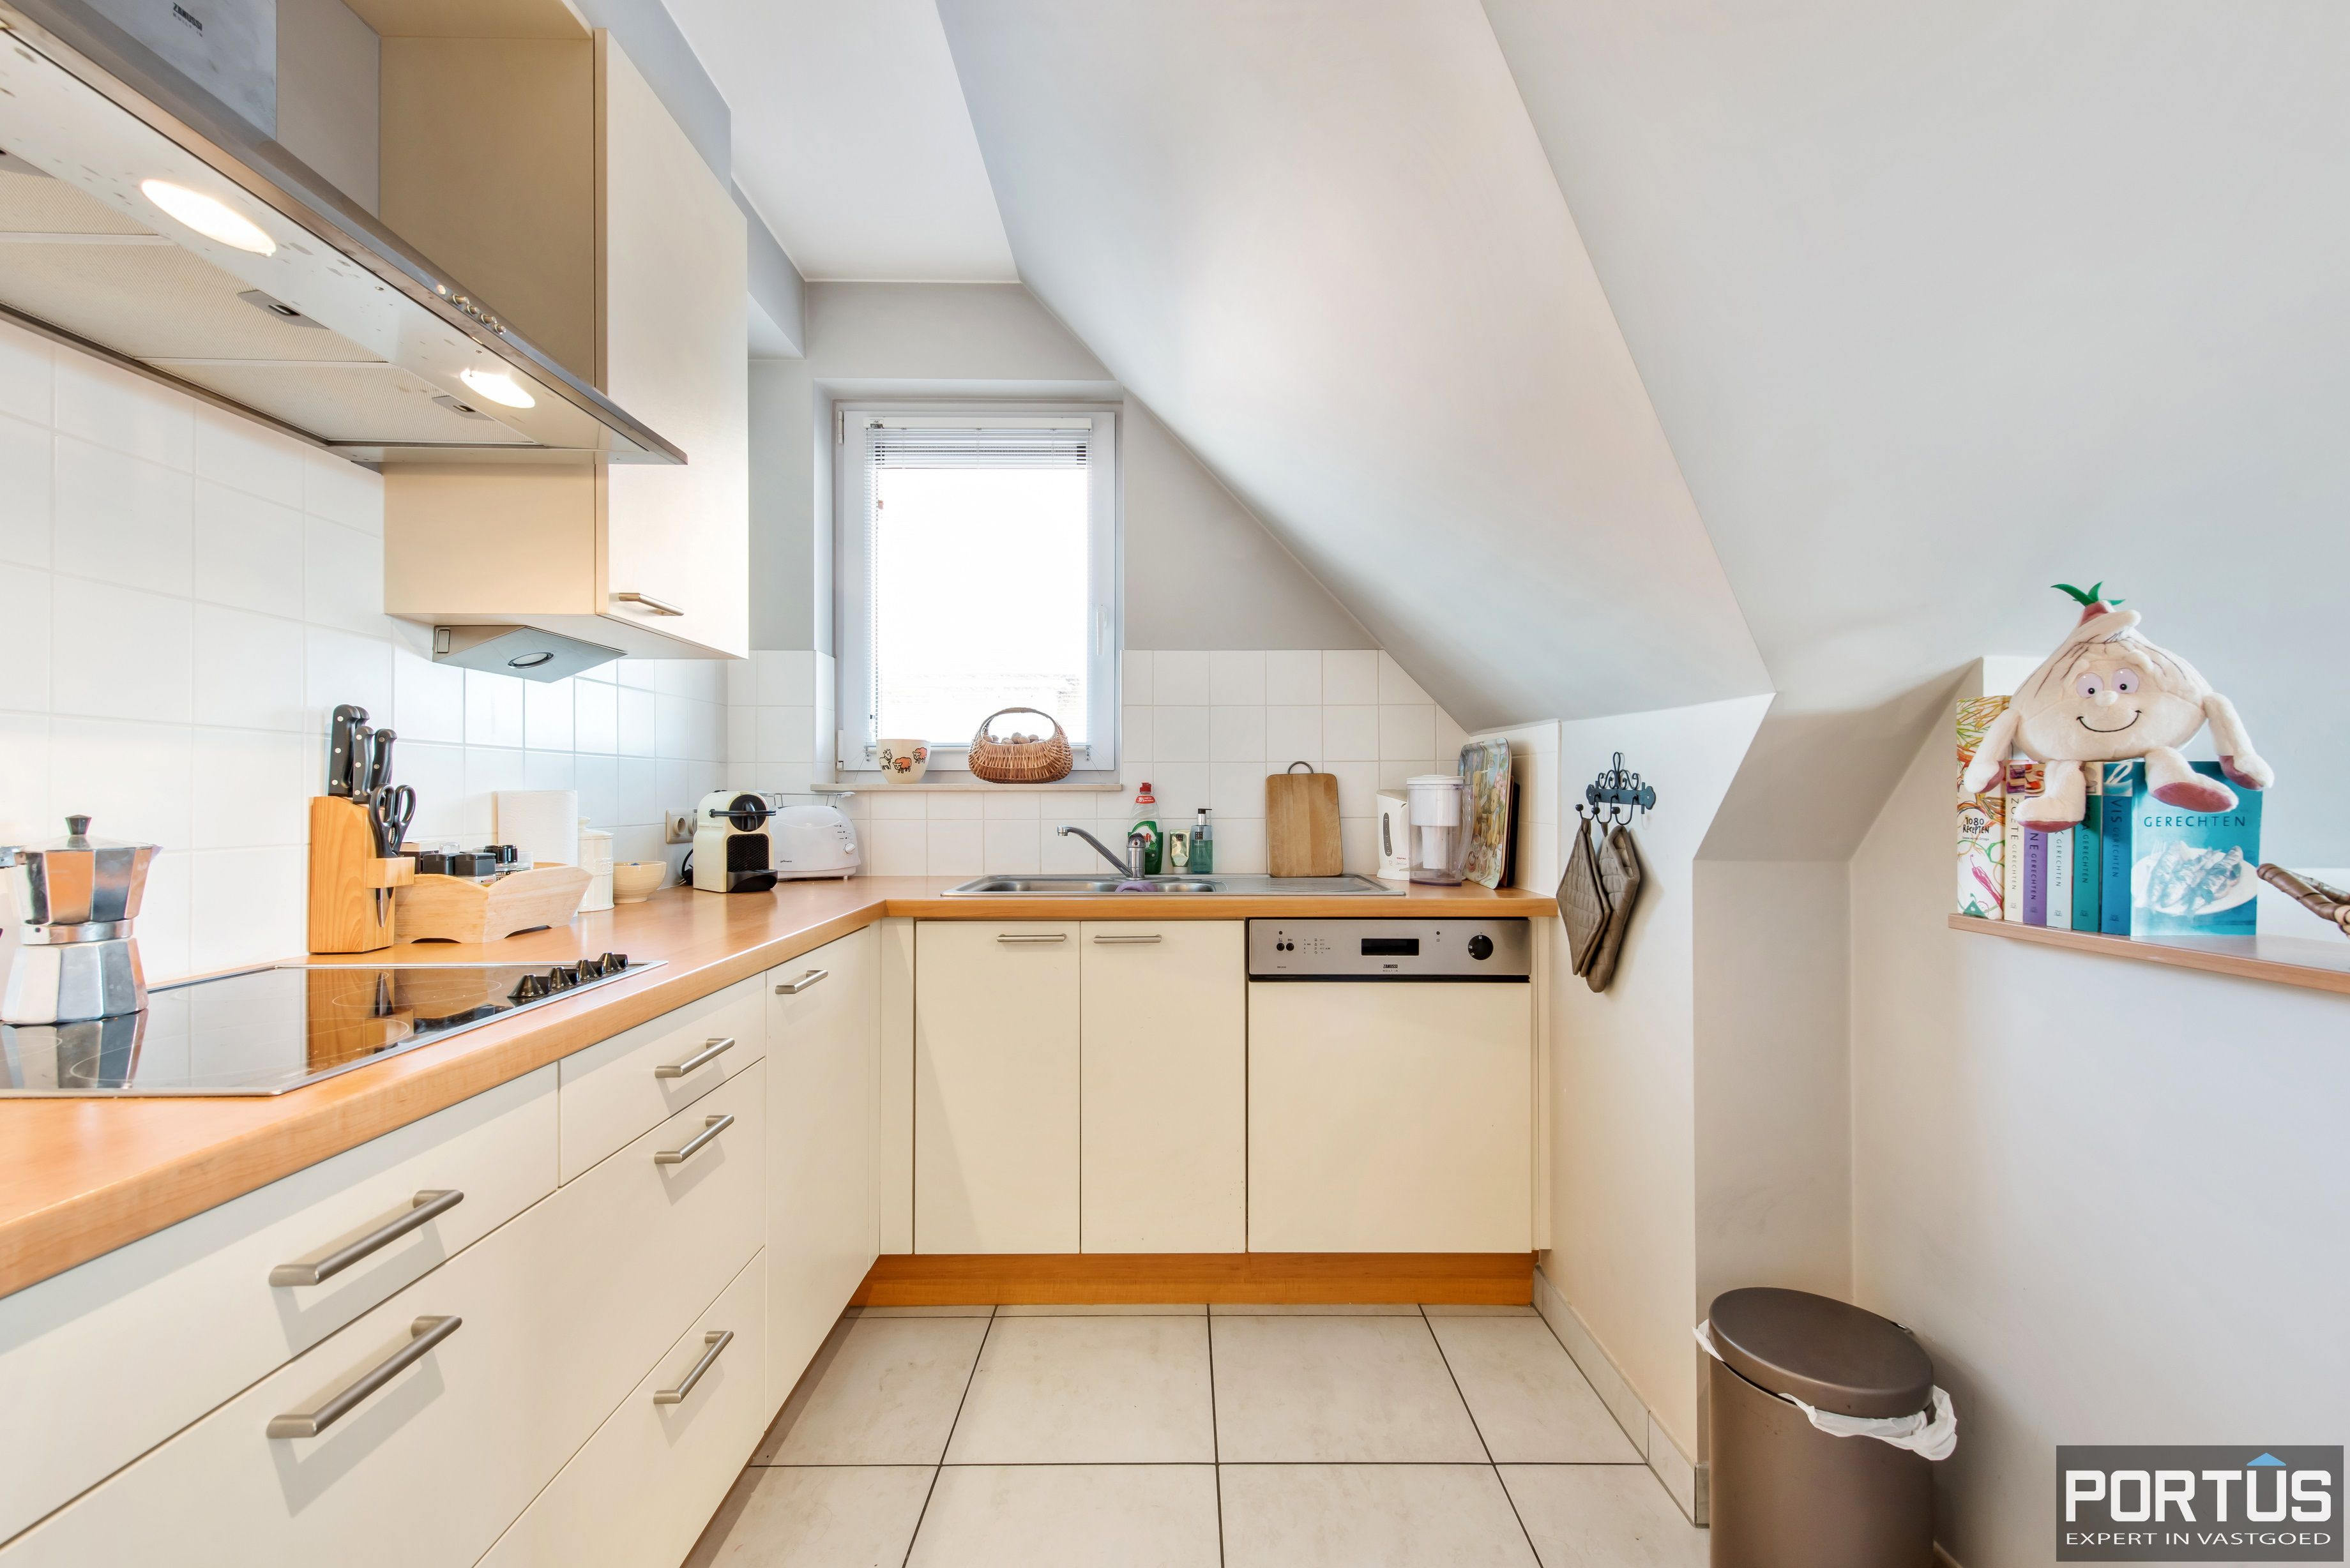 Instapklare duplex met 2 slaapkamers te koop te Nieuwpoort - 11636